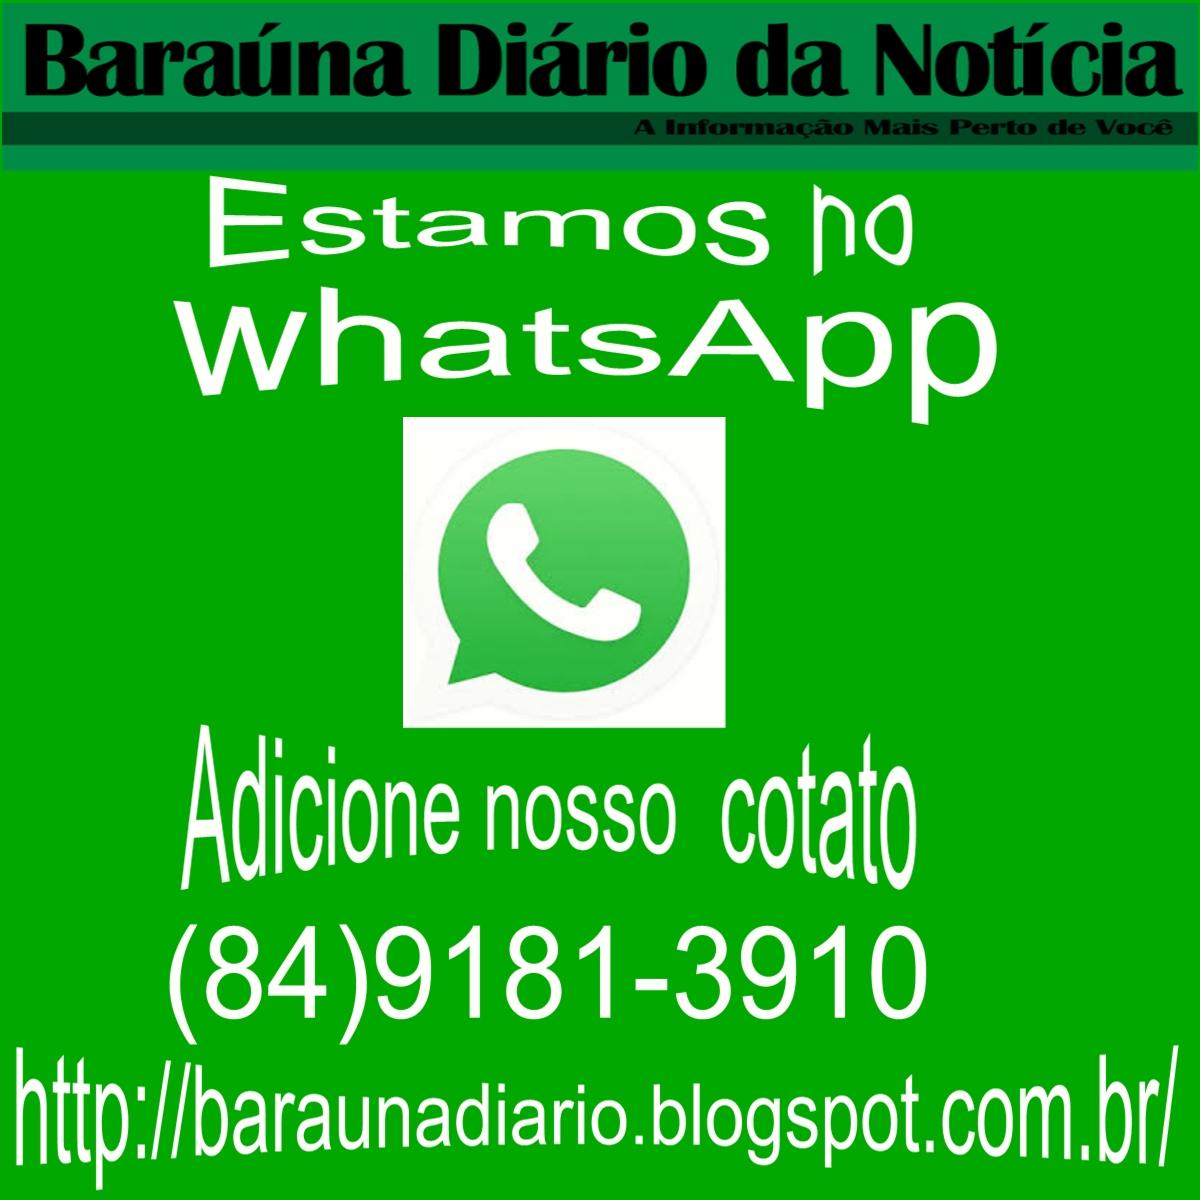 Baraúna Diário da Notícia